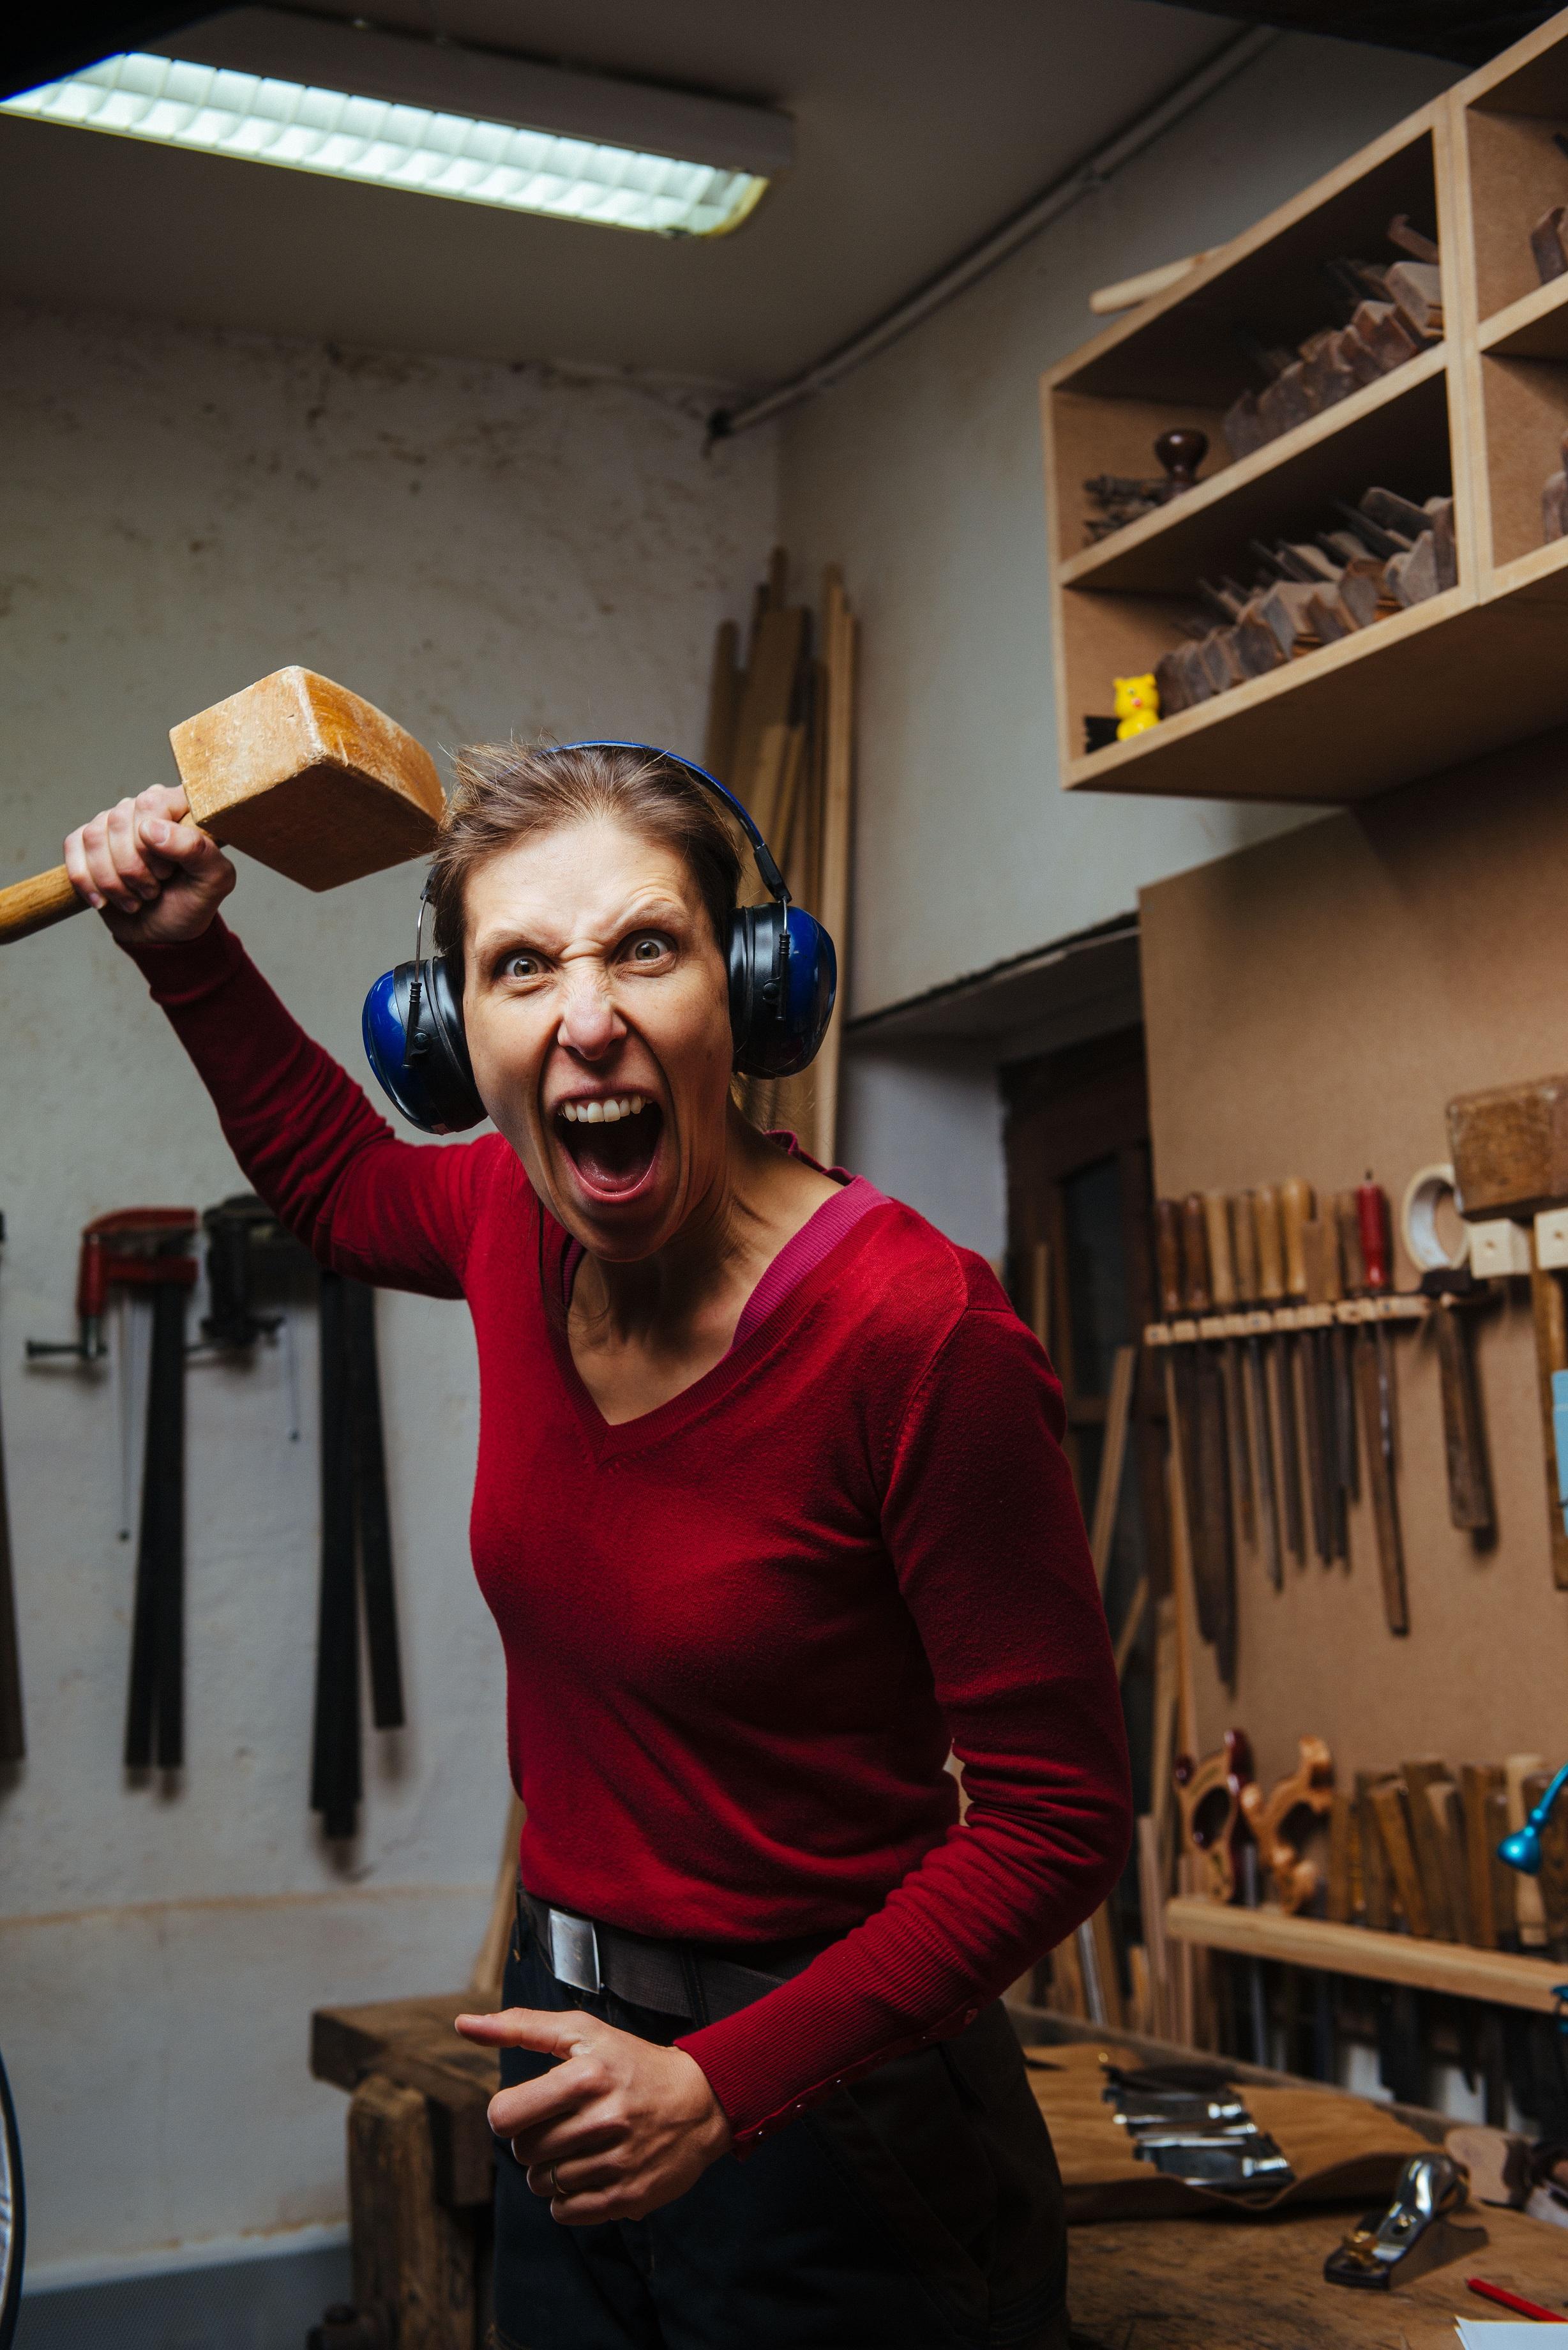 r cr ation une expo photo de zelip co julien dominguez moreno conseil. Black Bedroom Furniture Sets. Home Design Ideas